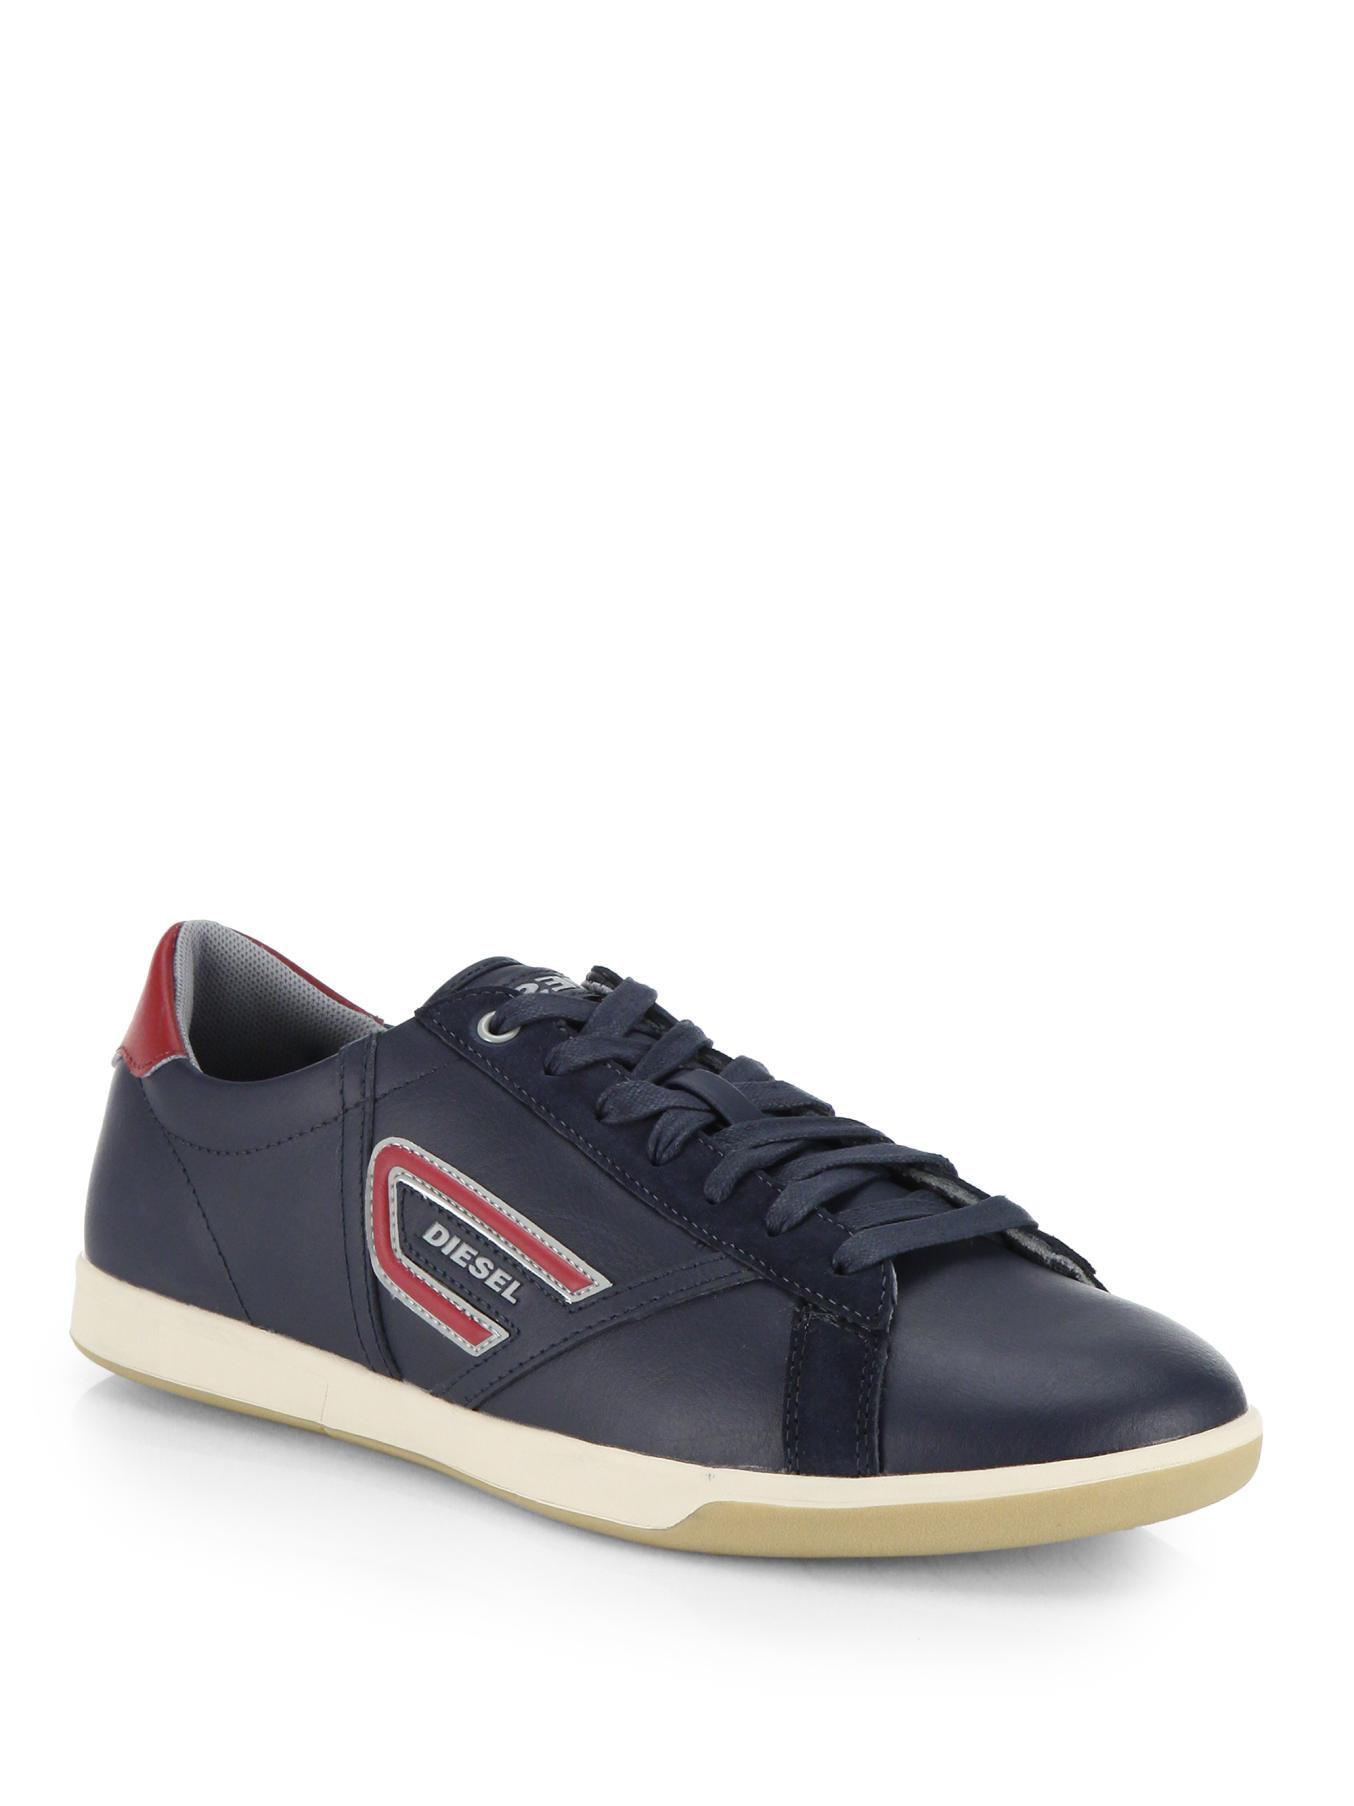 Diesel Eastcop Grantor Leather Sneakers In Blue For Men Lyst